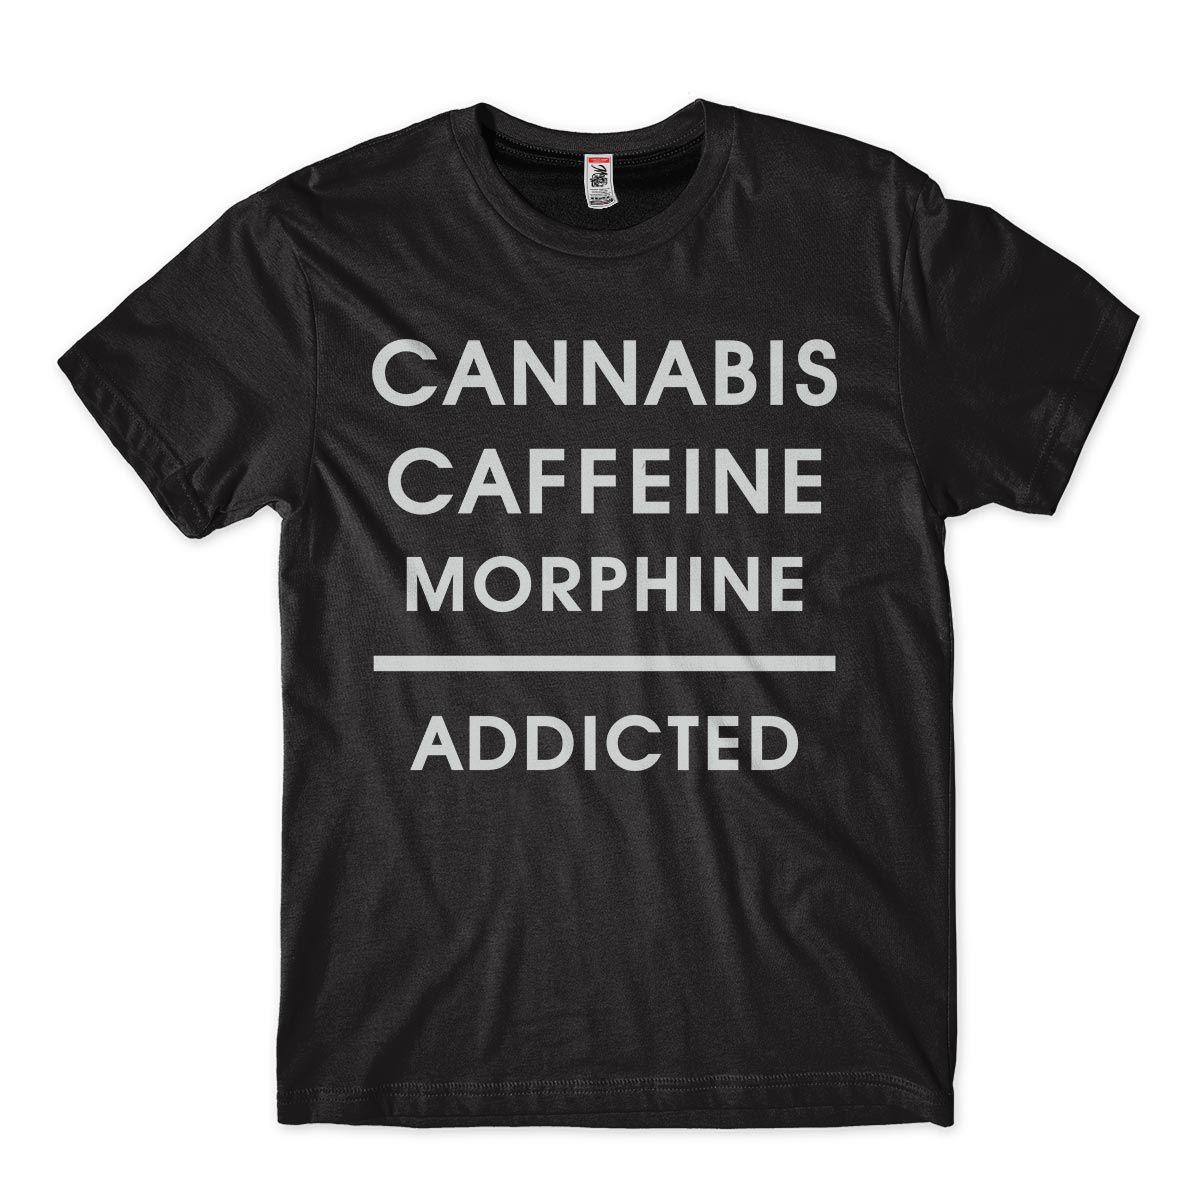 Camiseta Cannabis Caffeine Morphine Addictedn Vicios